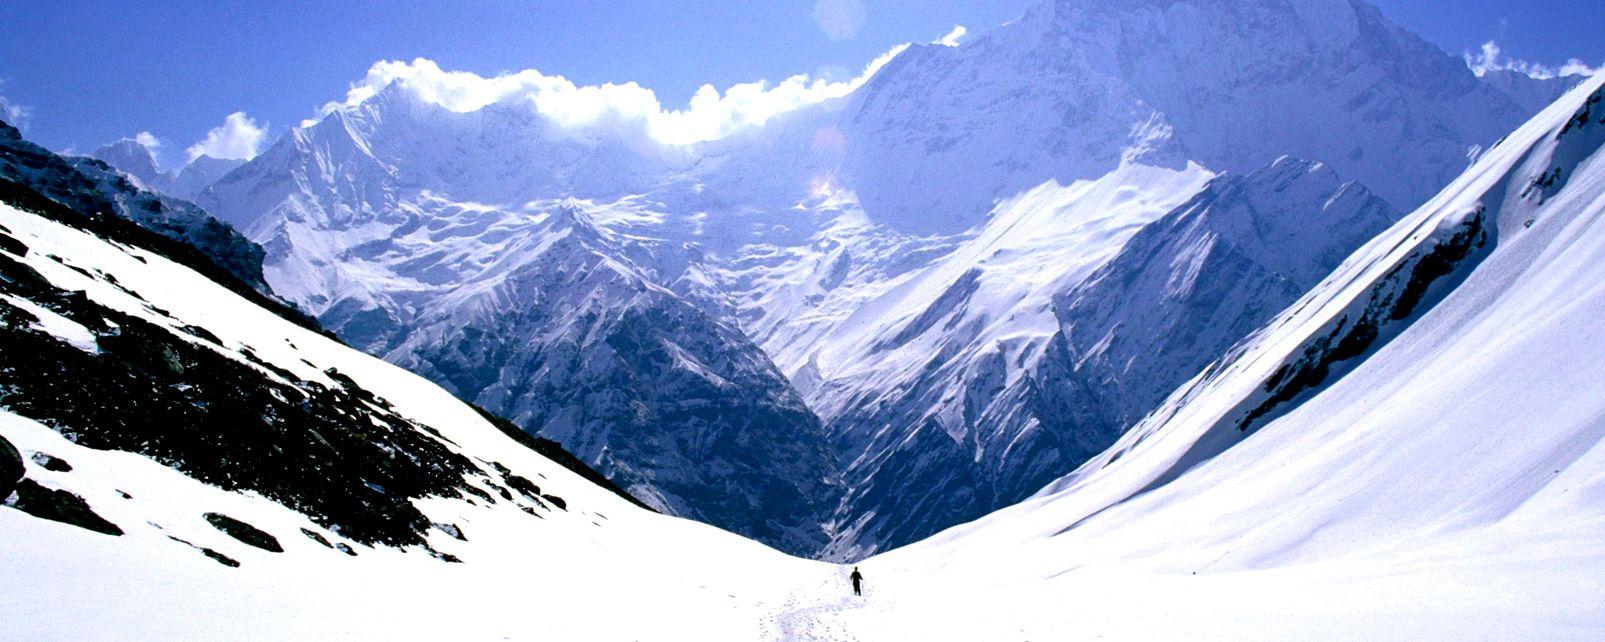 L'Annapurna , Le sommet de l'Annapurna, Népal , Népal